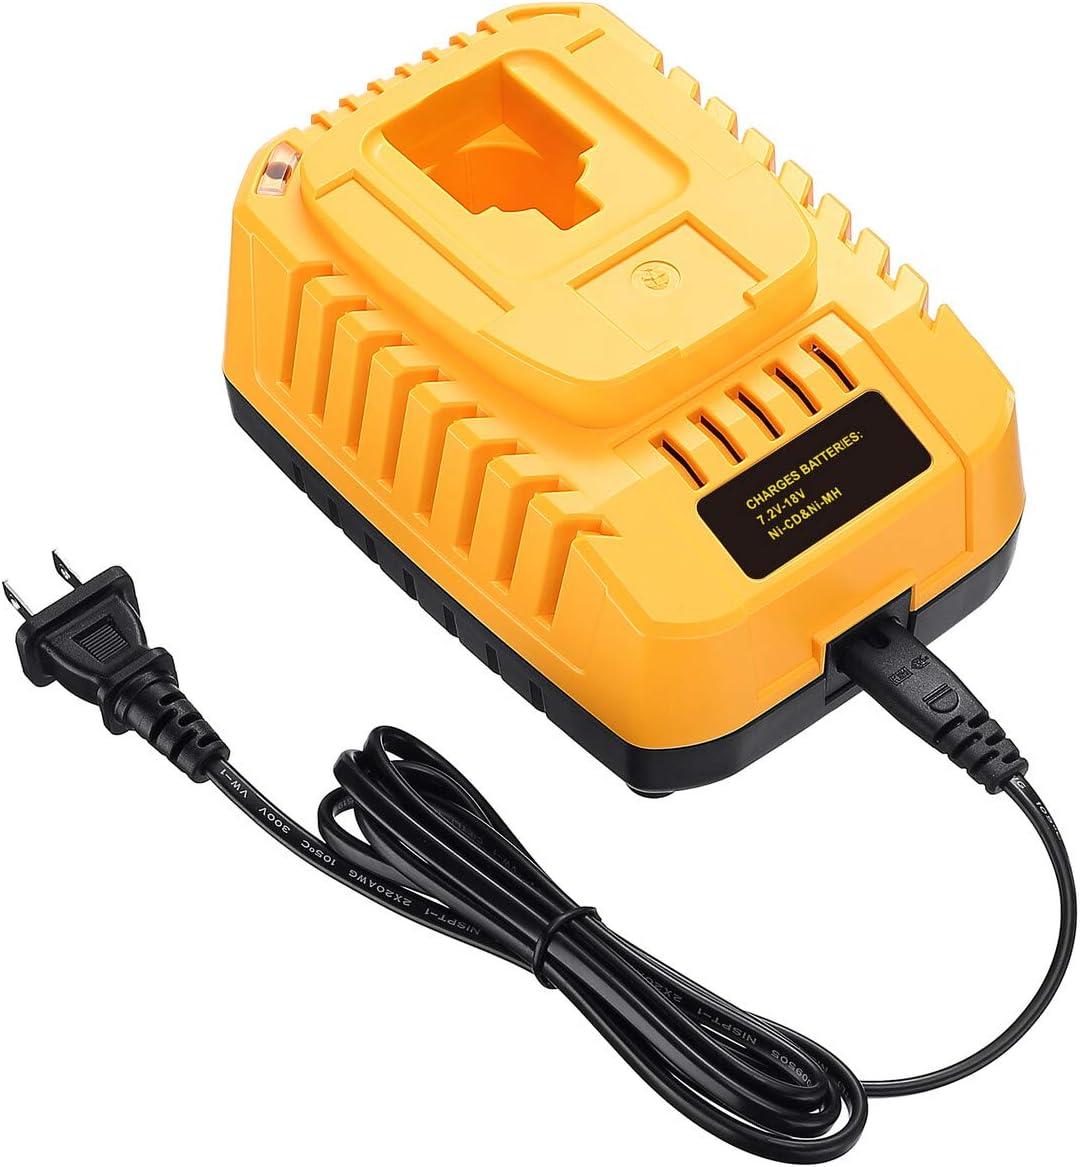 DC9310 Fast Battery Charger for DEWALT XRP 7.2V-18V NiCad NiMh Battery DC9096 DC9098 DC9099 DC9091 DC9071 DE9057 DW9096 DW9094 DW9072 DW9116